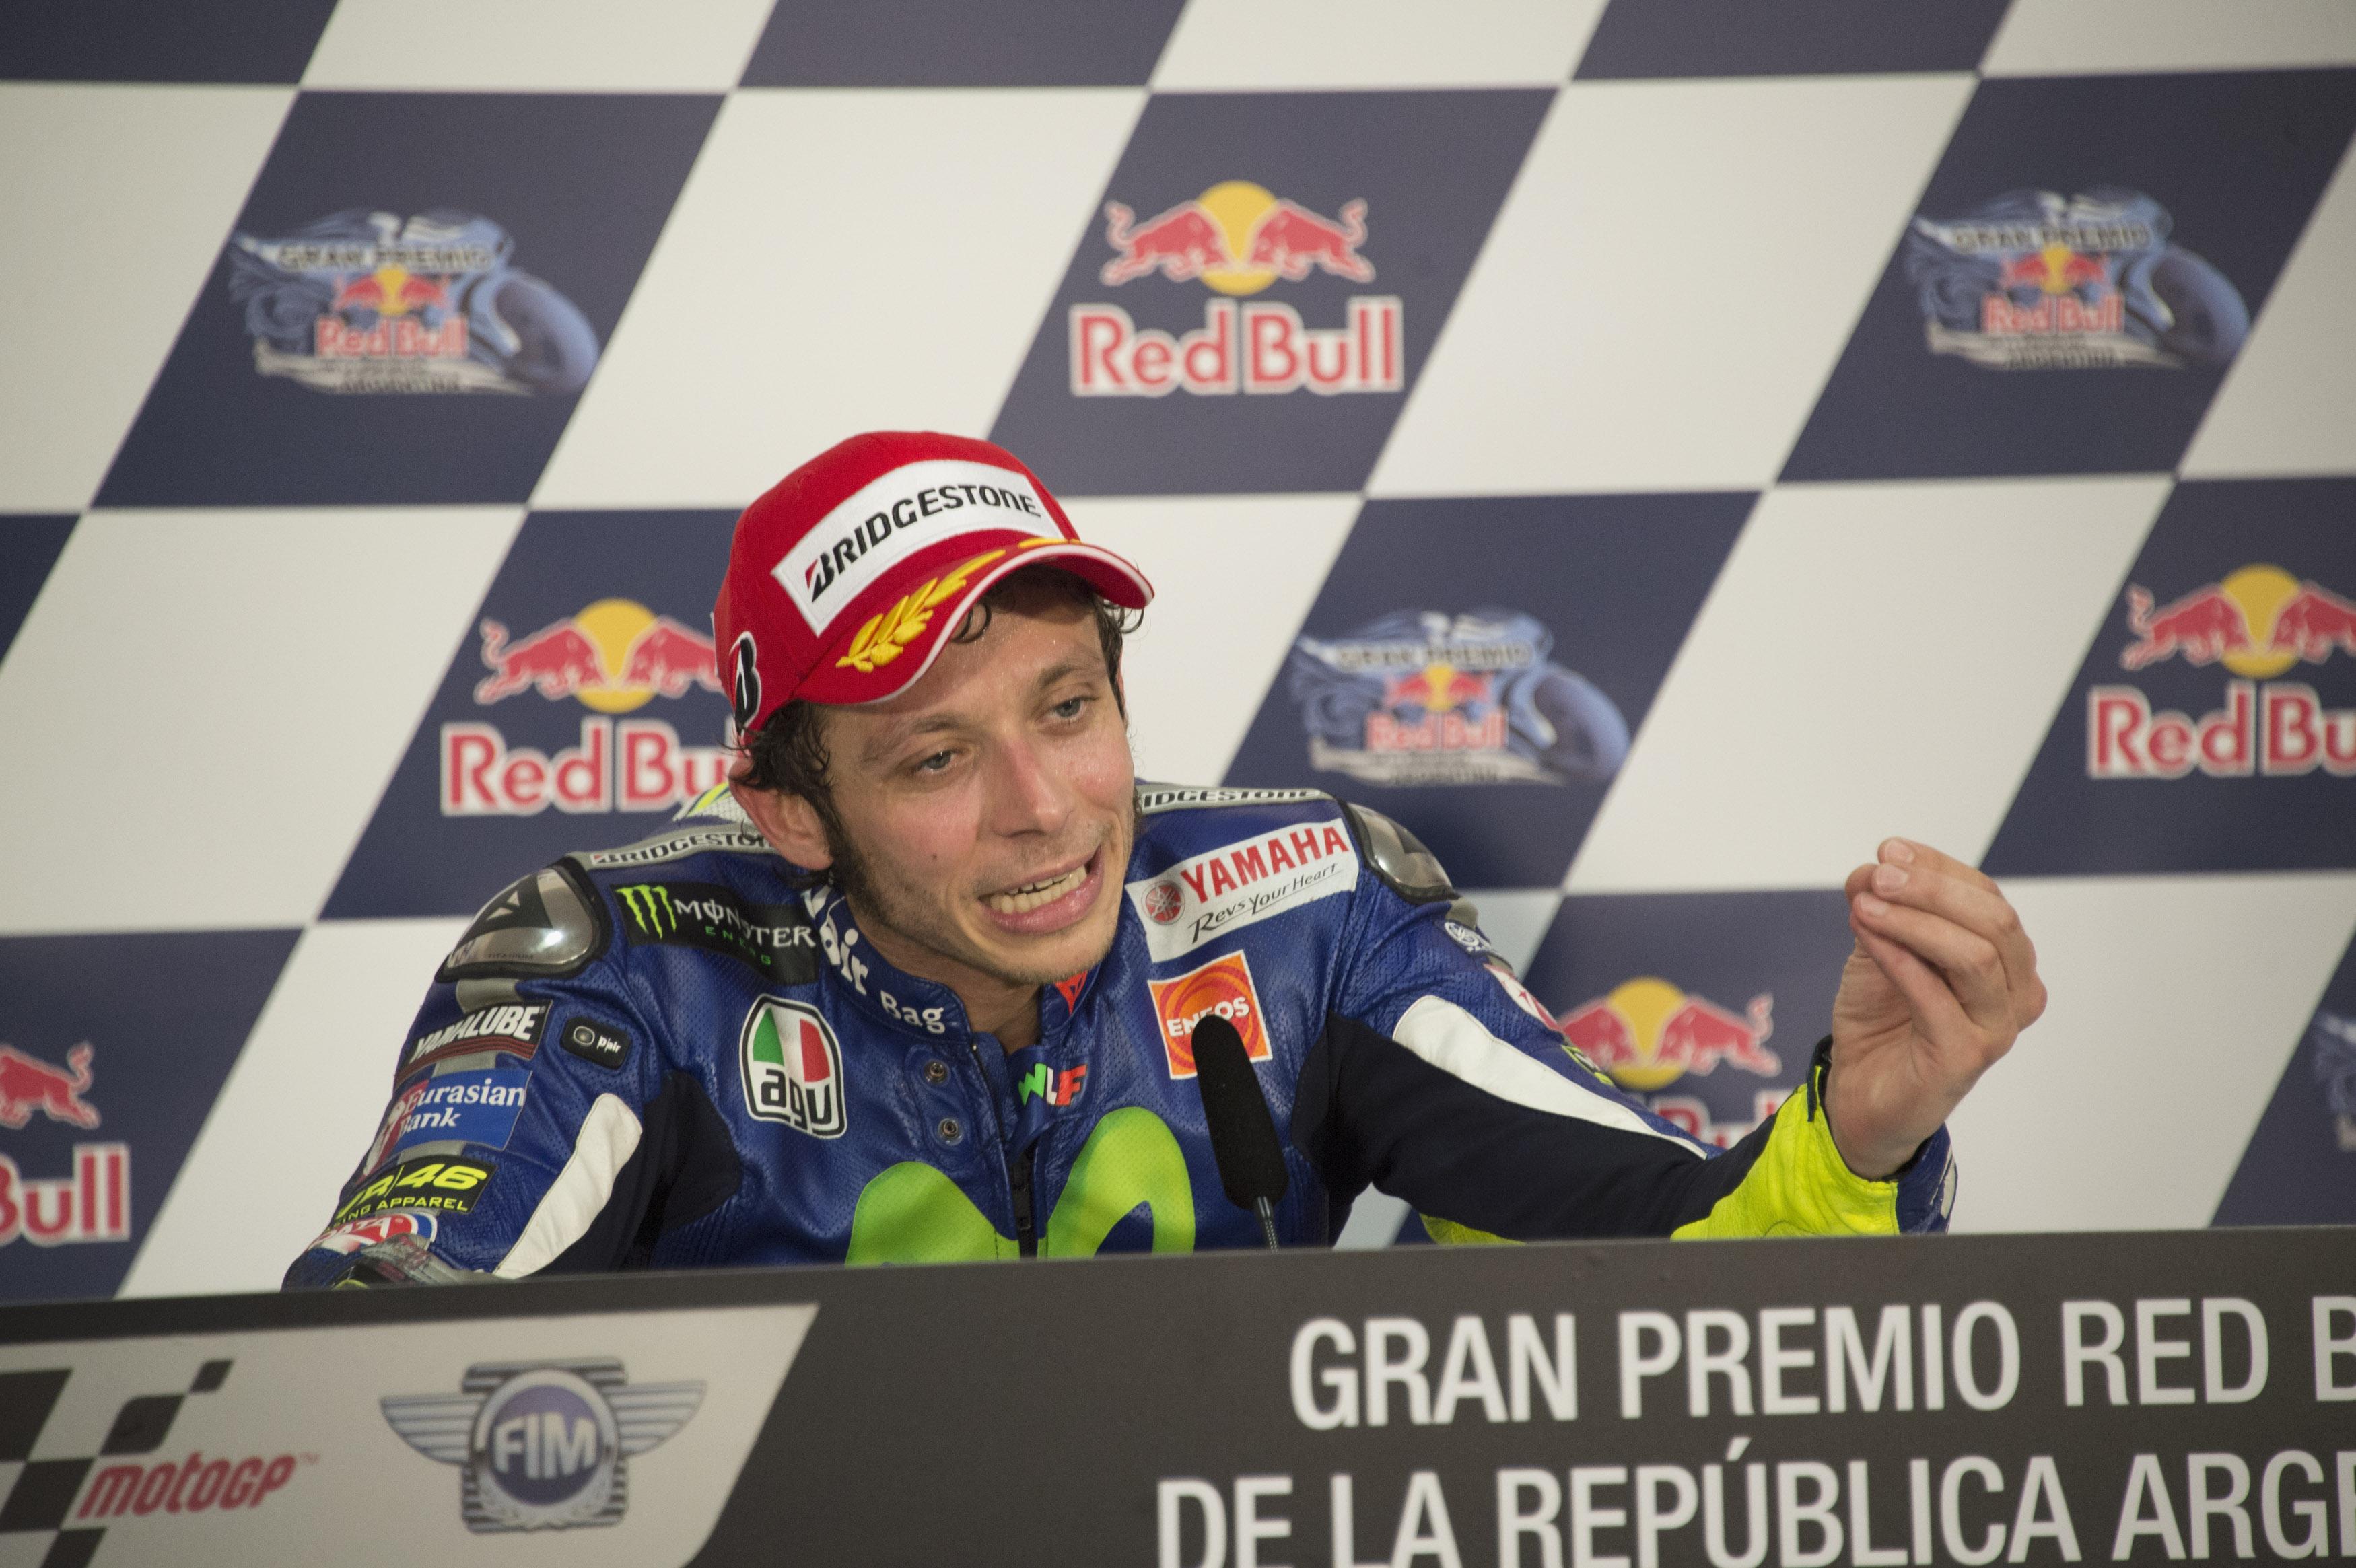 MotoGP: come vedere il GP DI SPAGNA in televisione e in streaming